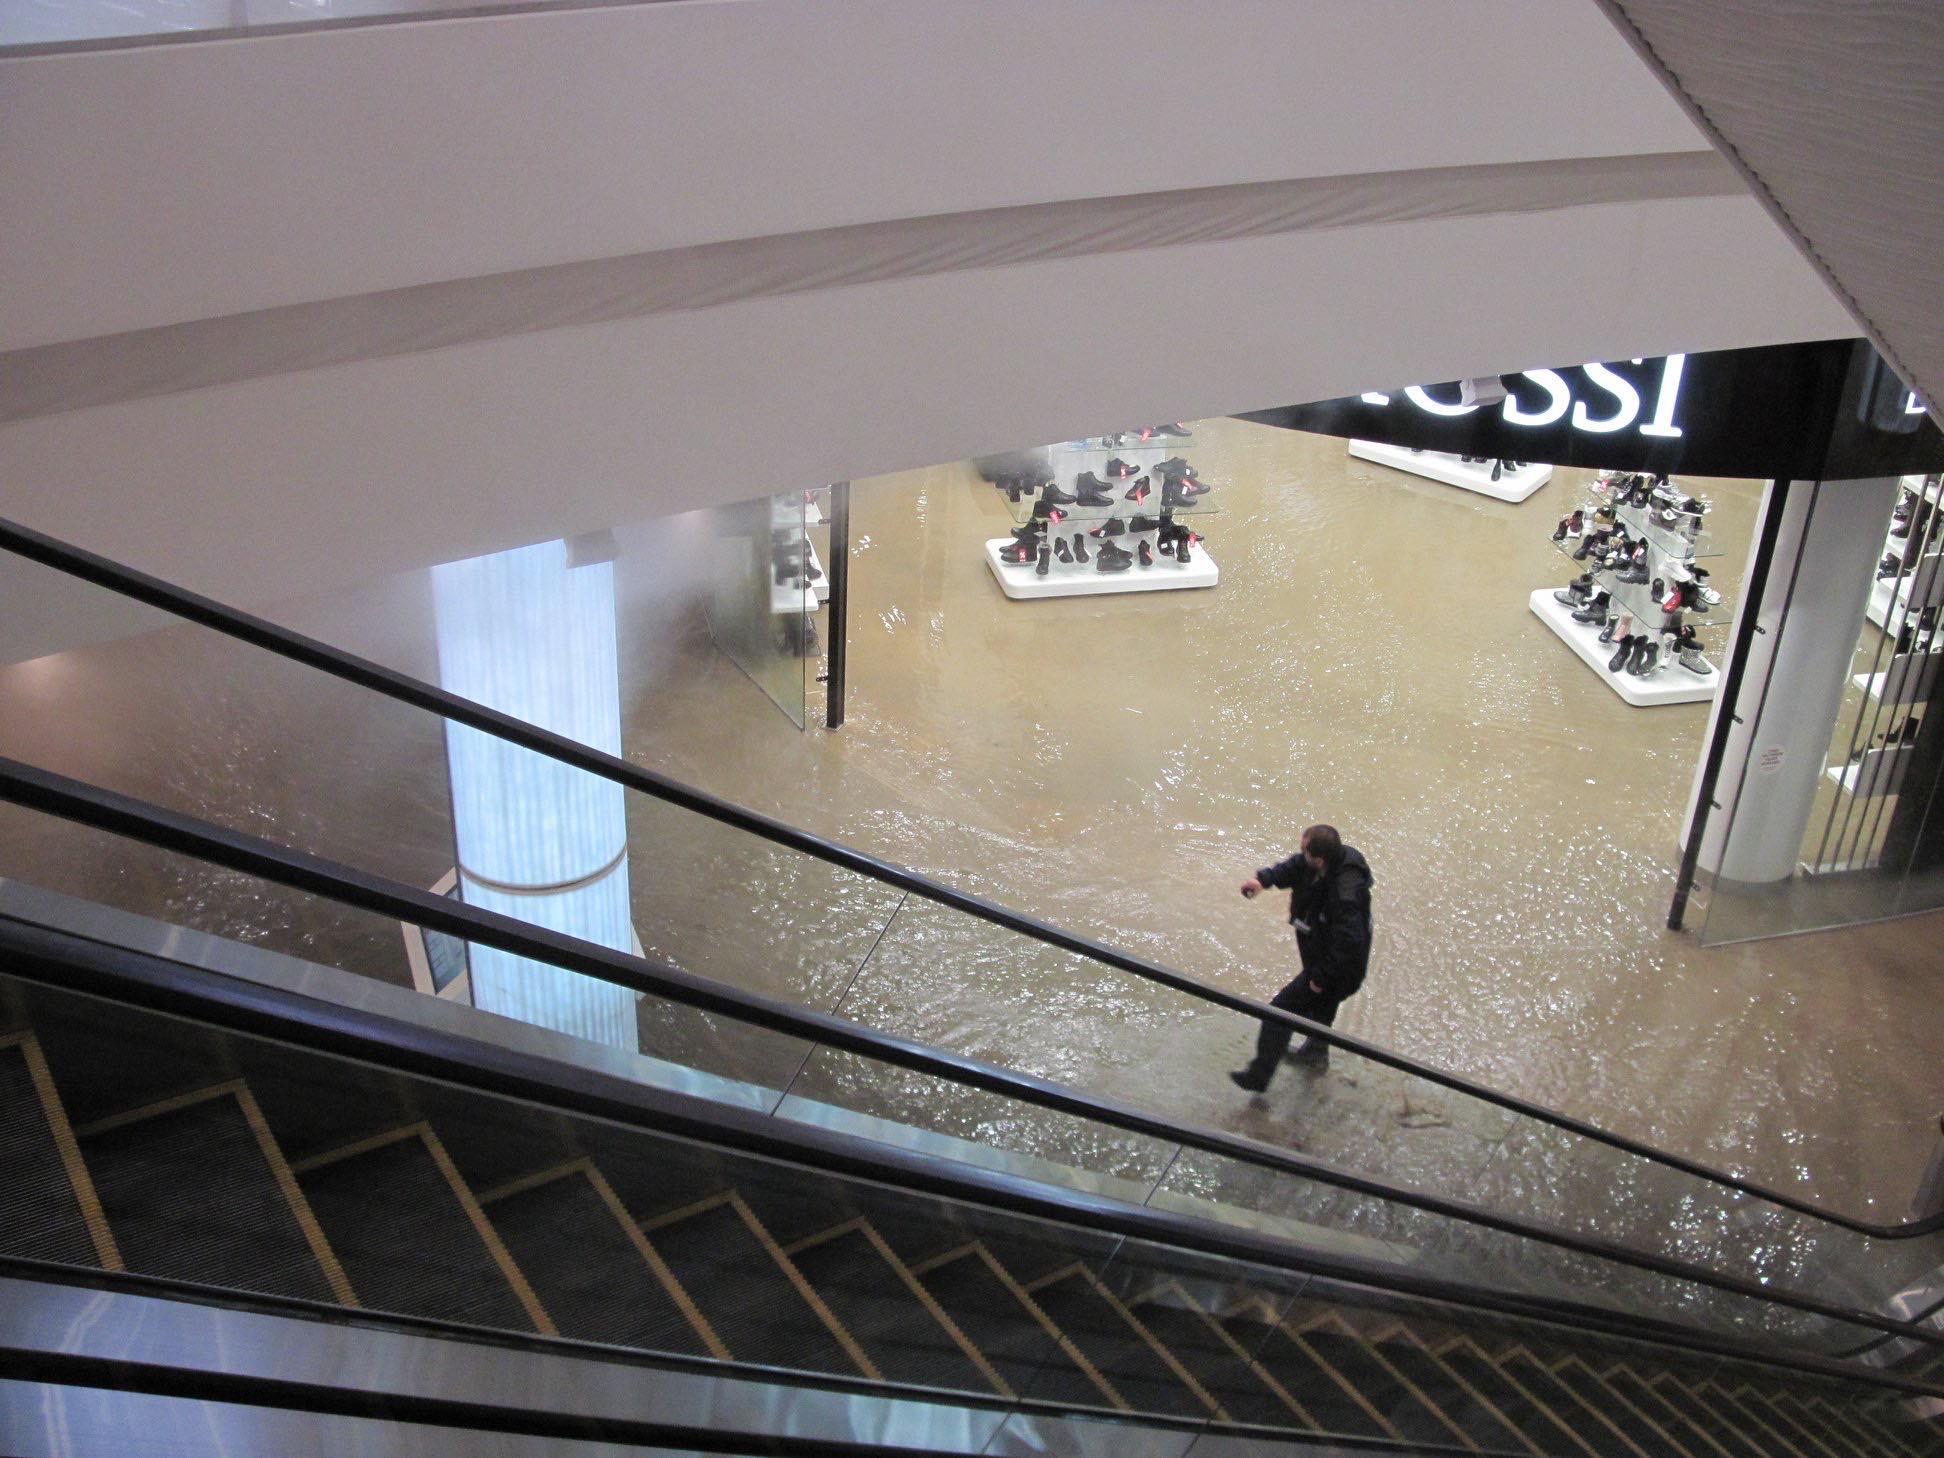 У посетителей, которые находились на первом этаже паники не было, они наоборот с интересом наблюдали за происходящим